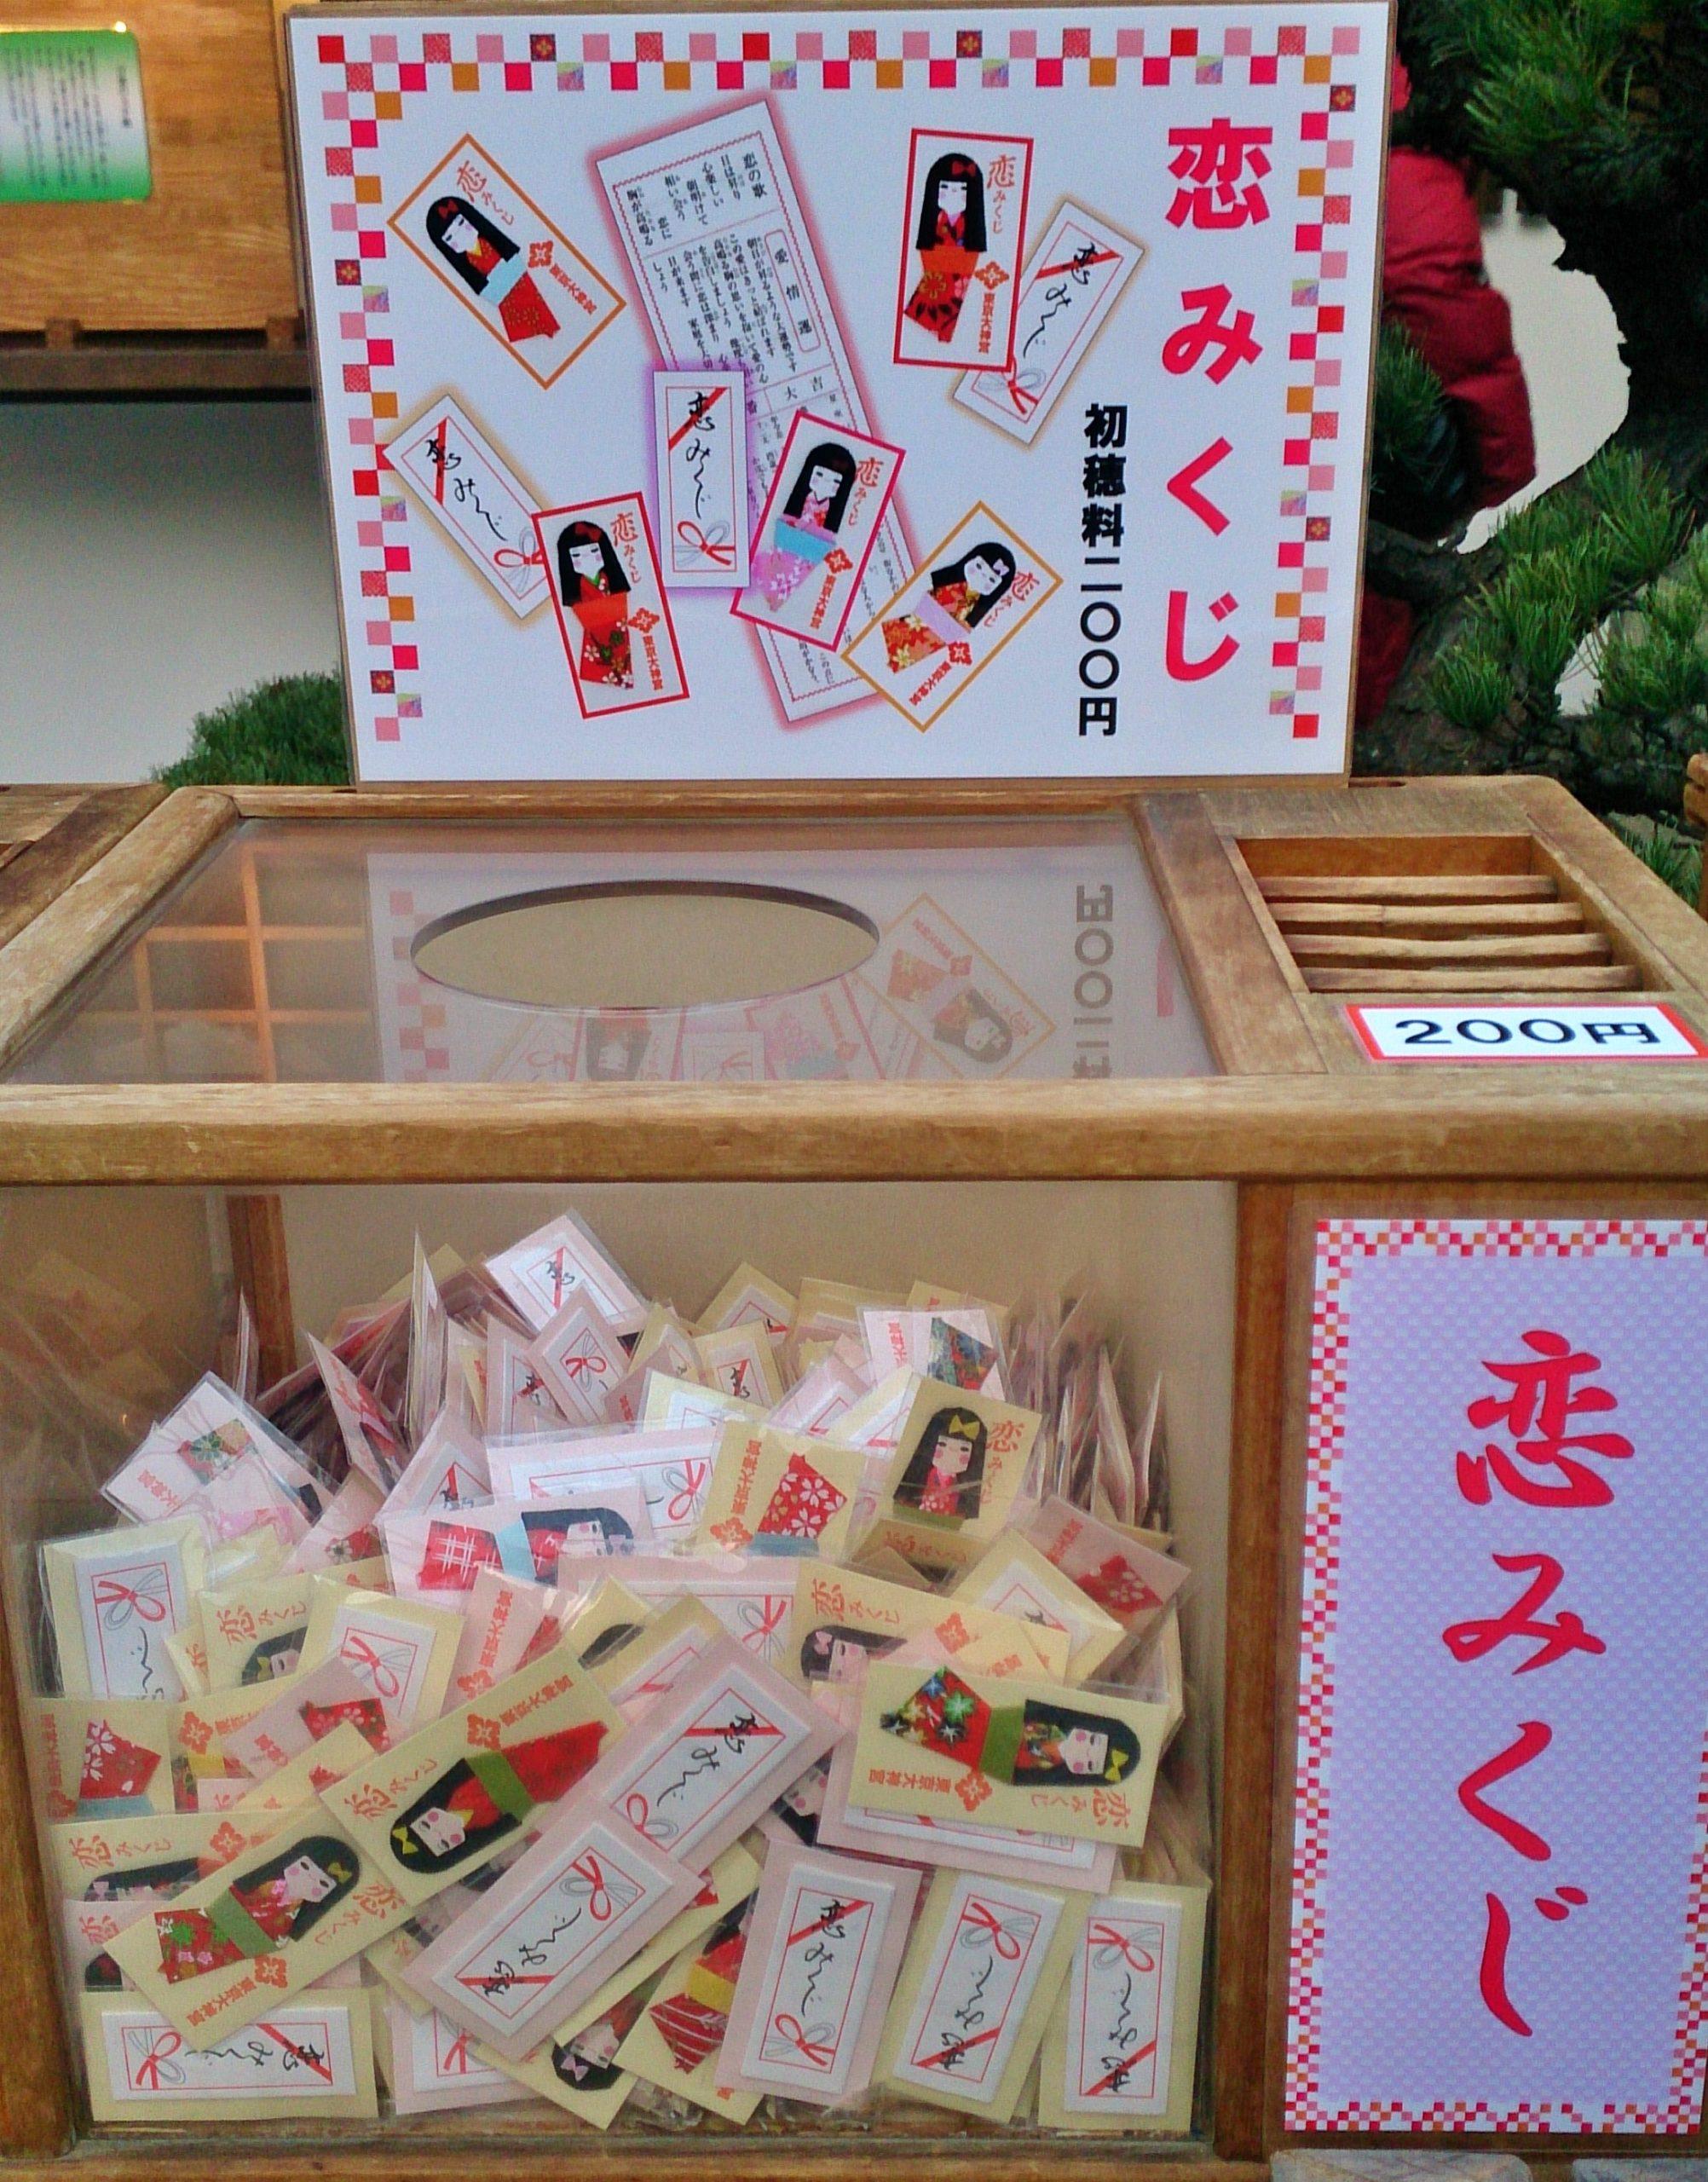 復縁が叶うと言われる東京大神宮の恋みくじ